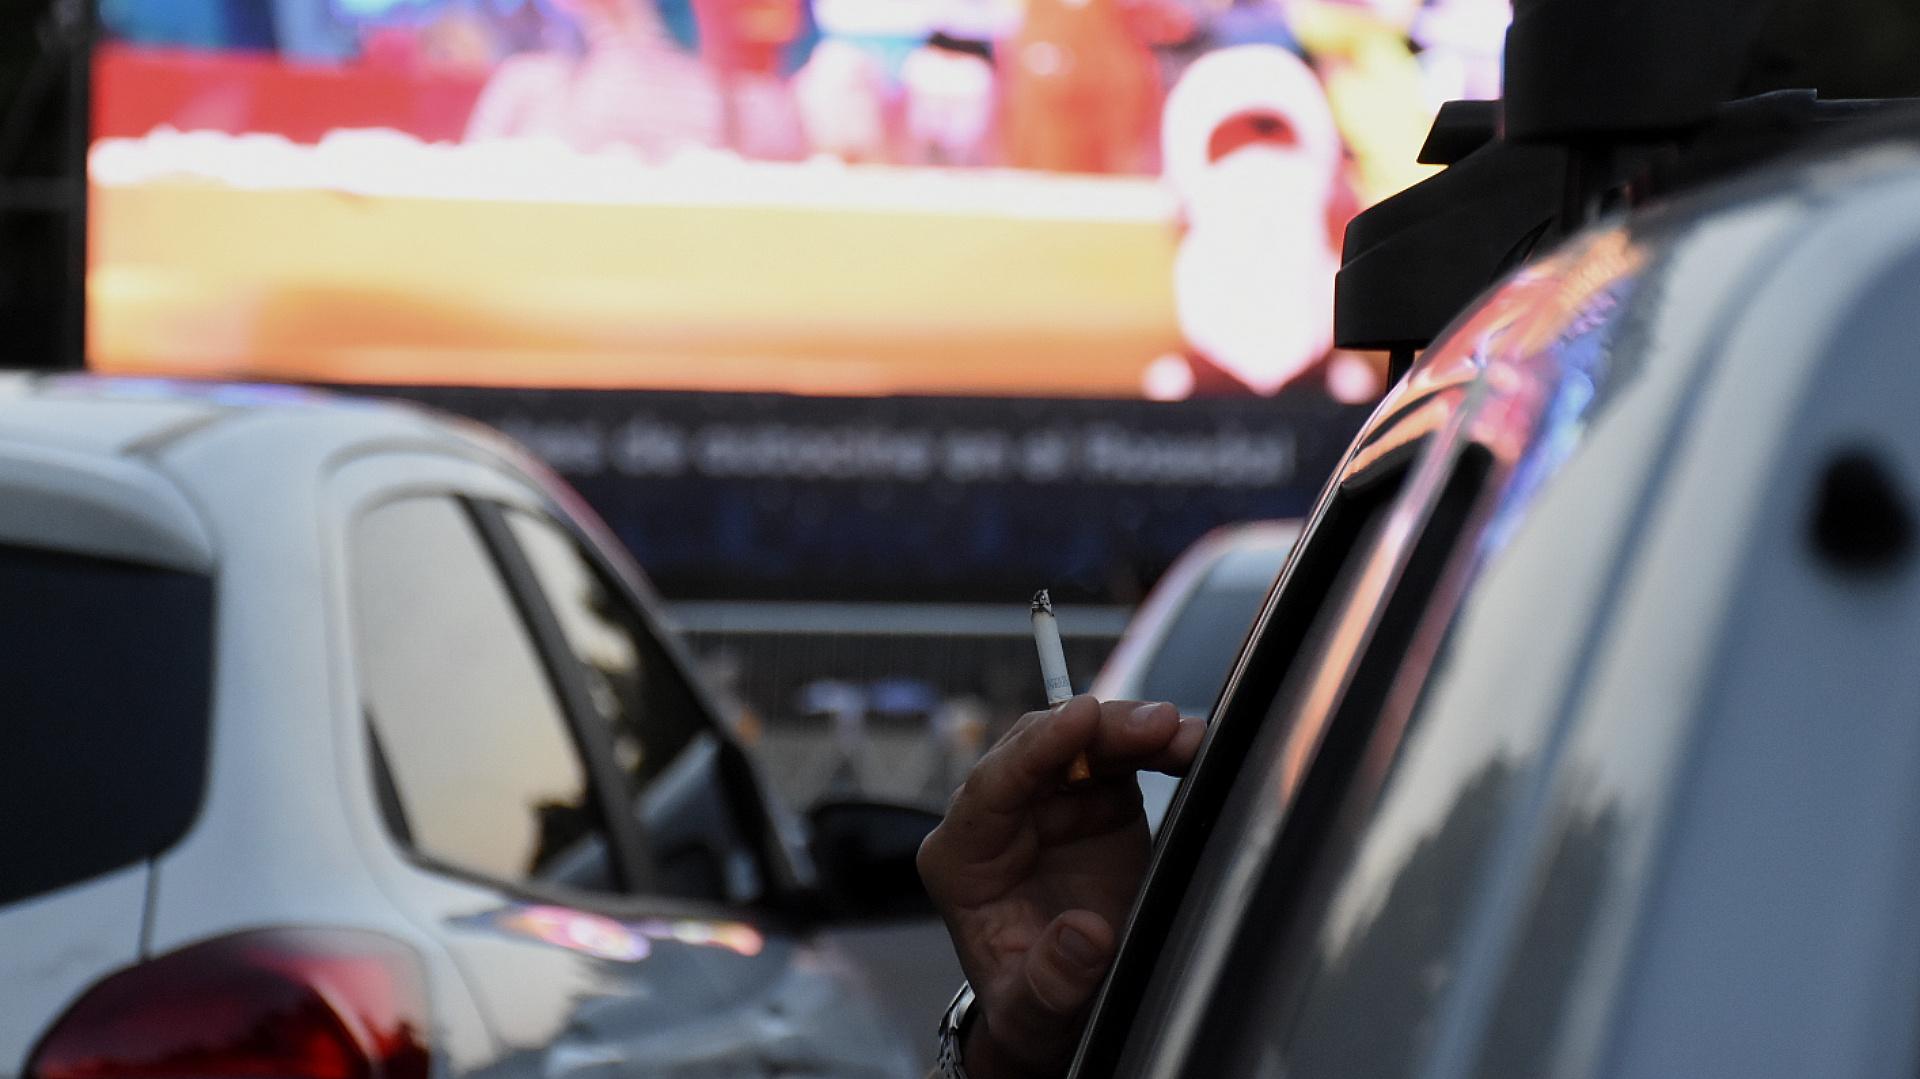 Desde los automóviles se puede escuchar el audio de los filmes mediante la frecuencia de radio FM 107.3